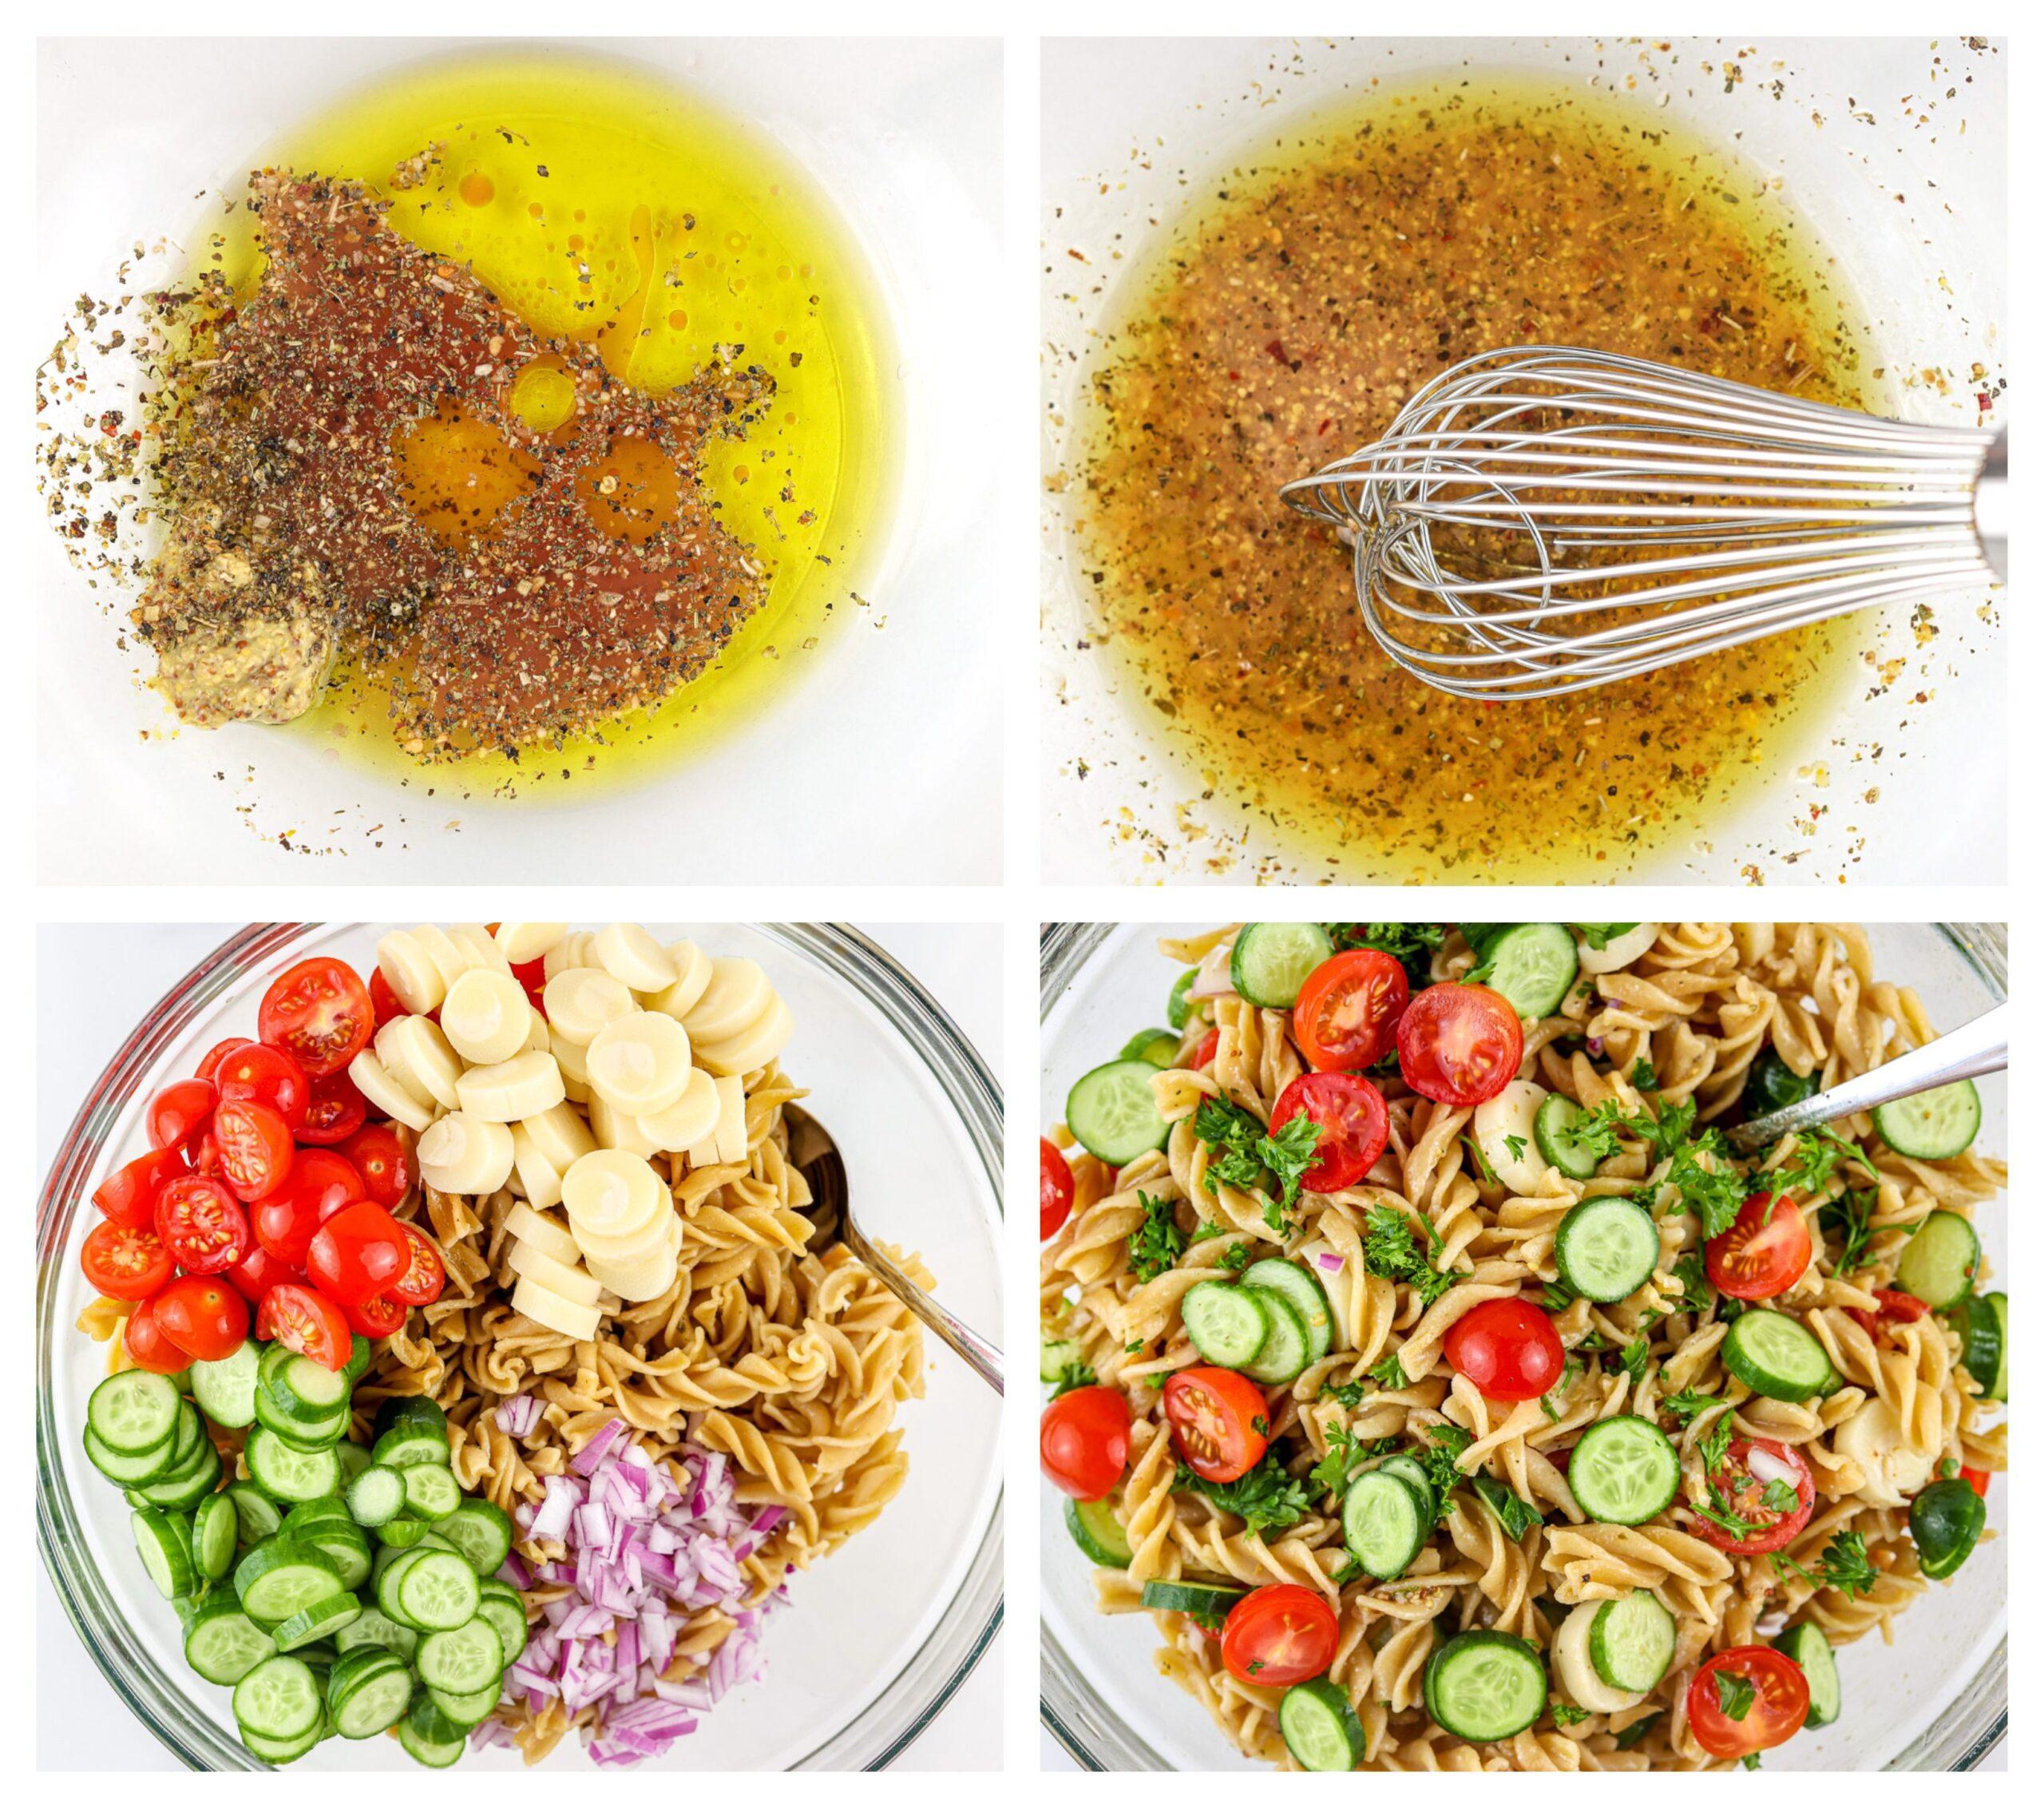 Process shots to make pasta salad.